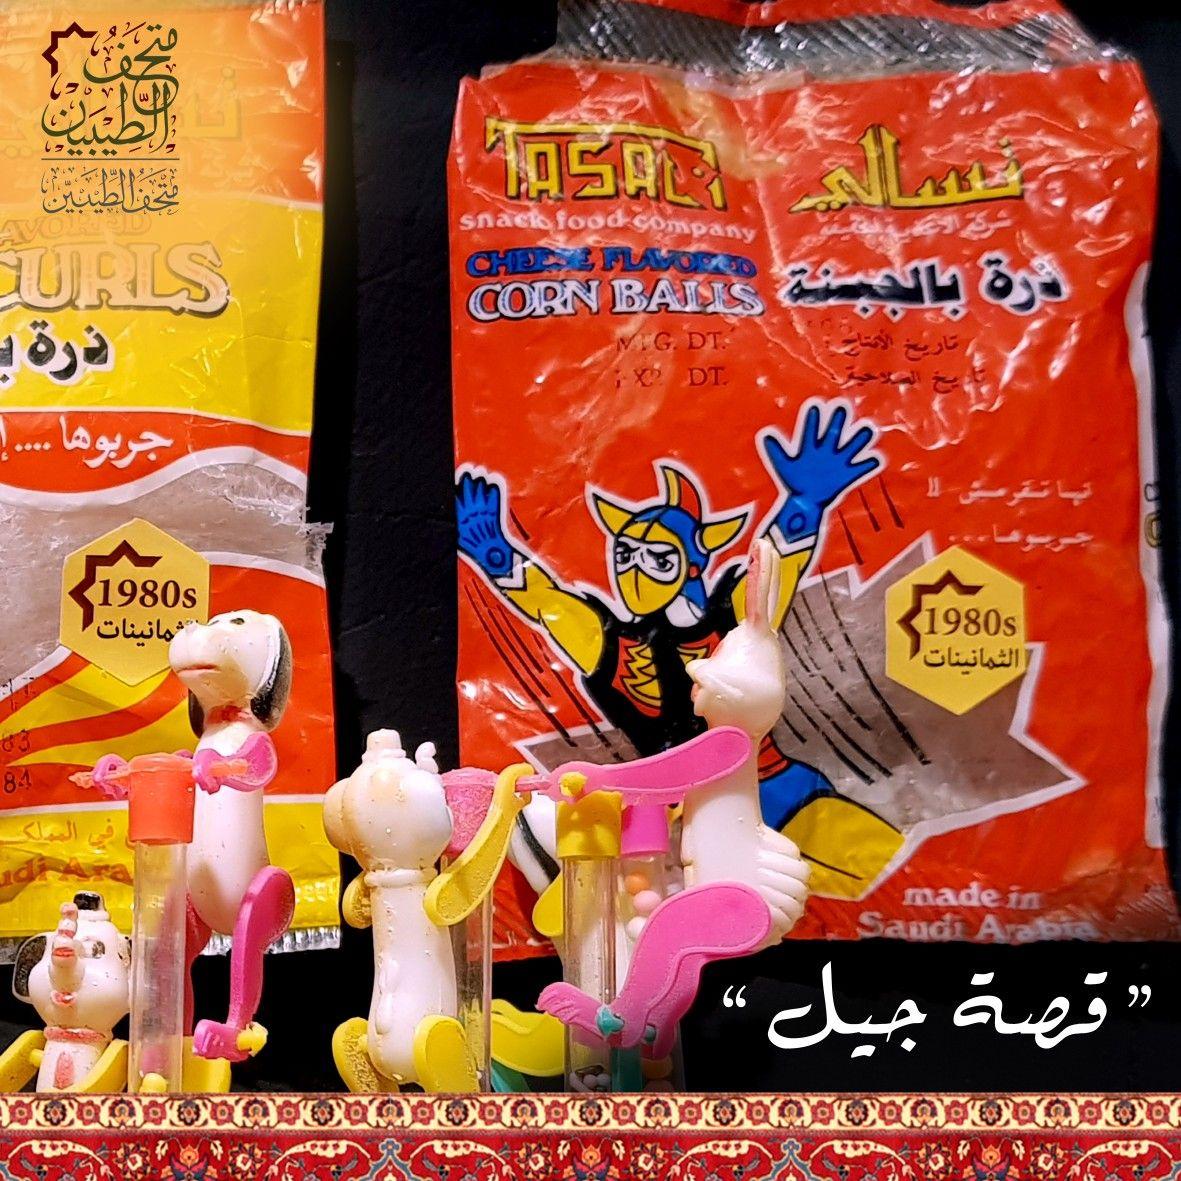 حلاويات الطيبين قصة جيل متحف الطيبين زمان ذكريات الطيبين الخبر Company Meals Pops Cereal Box Cereal Pops